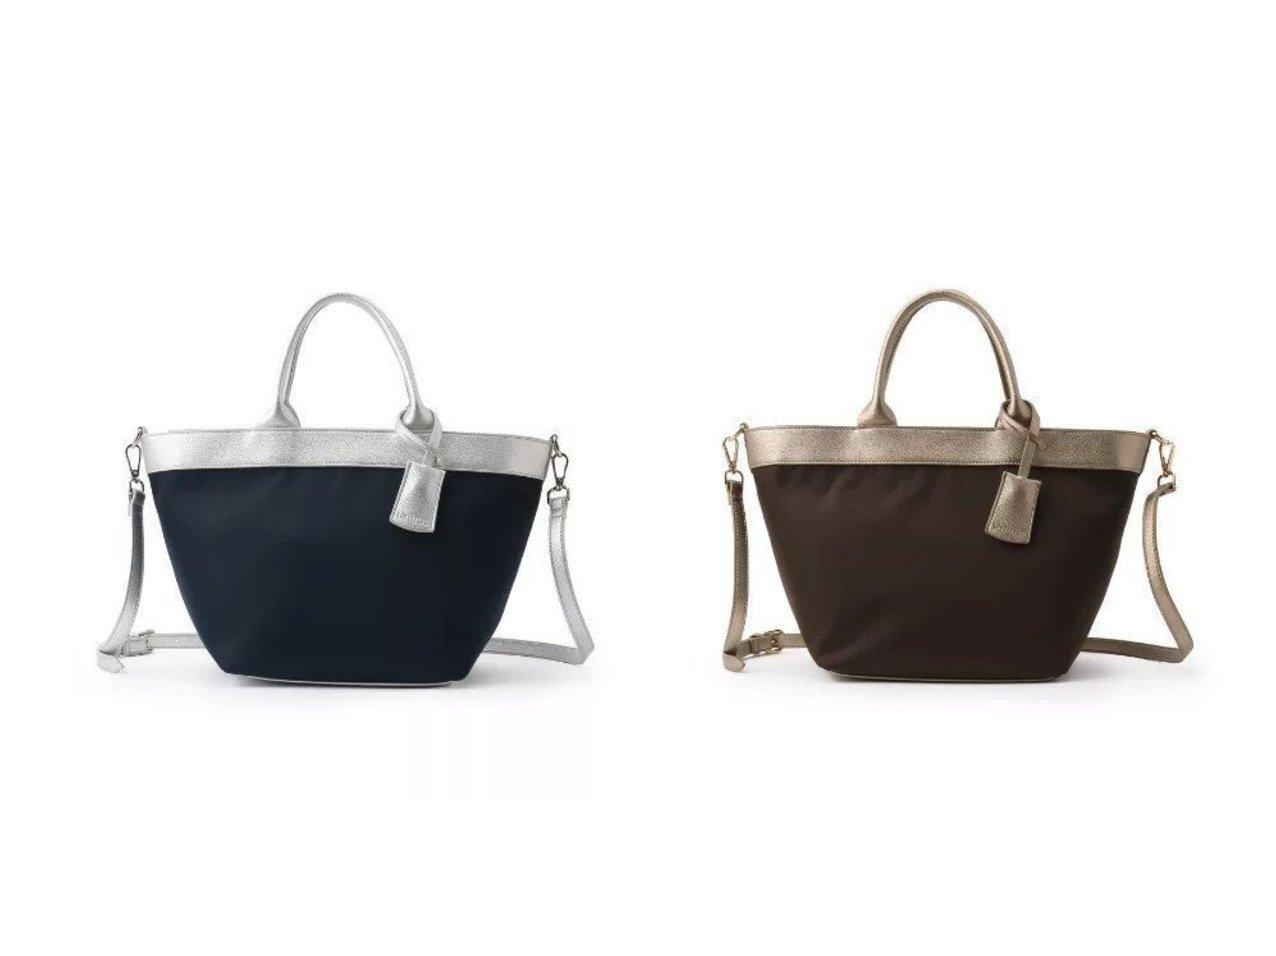 【UNTITLED/アンタイトル】の合皮ナイロン切り替えトート バッグ・鞄のおすすめ!人気、トレンド・レディースファッションの通販 おすすめで人気の流行・トレンド、ファッションの通販商品 メンズファッション・キッズファッション・インテリア・家具・レディースファッション・服の通販 founy(ファニー) https://founy.com/ ファッション Fashion レディースファッション WOMEN バッグ Bag フェイクレザー フォルム ポケット ラップ 軽量 |ID:crp329100000015347